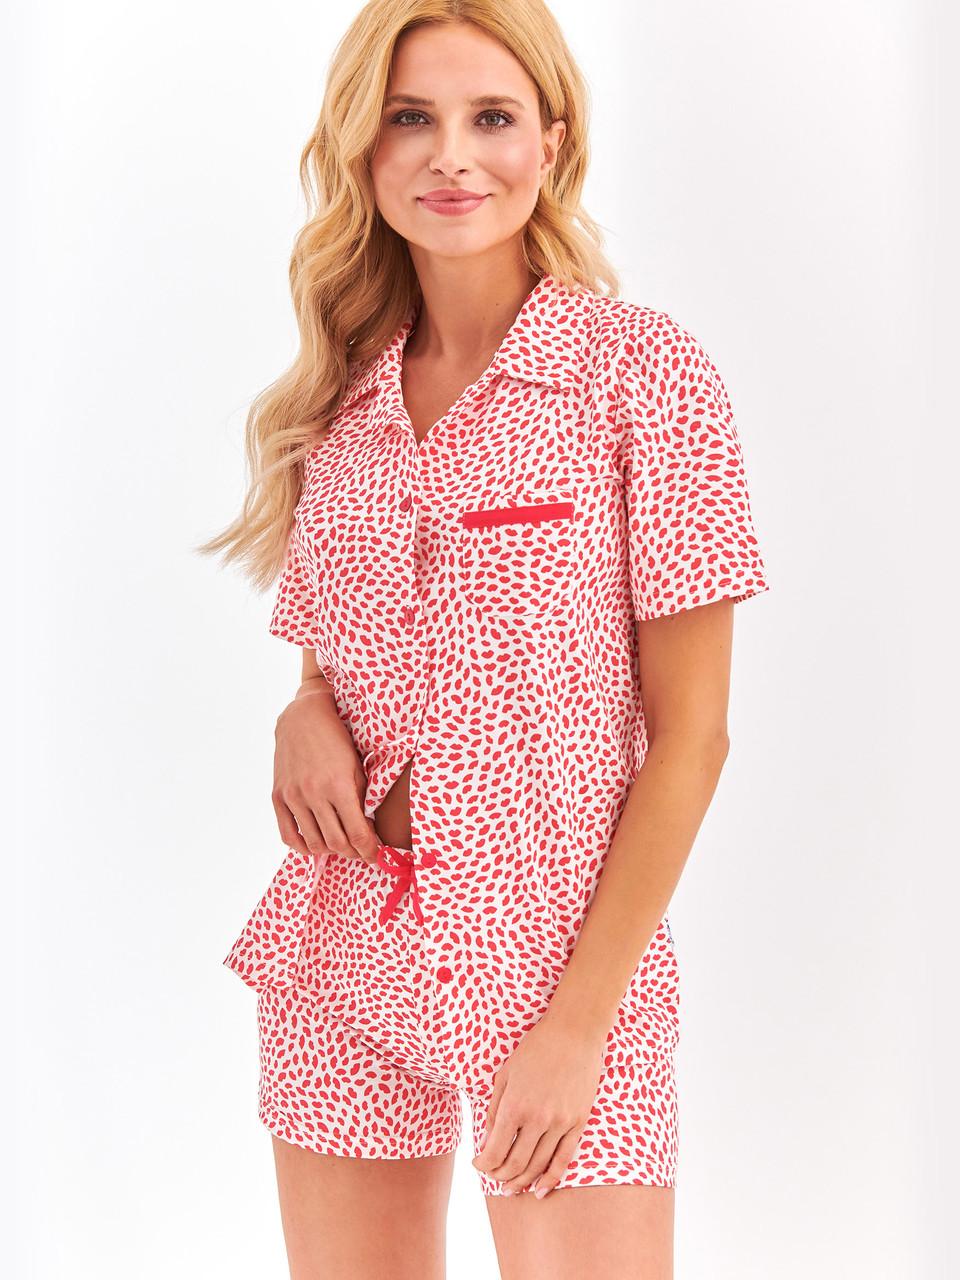 Женская пижама с рубашкой на пуговицы, M, червоний